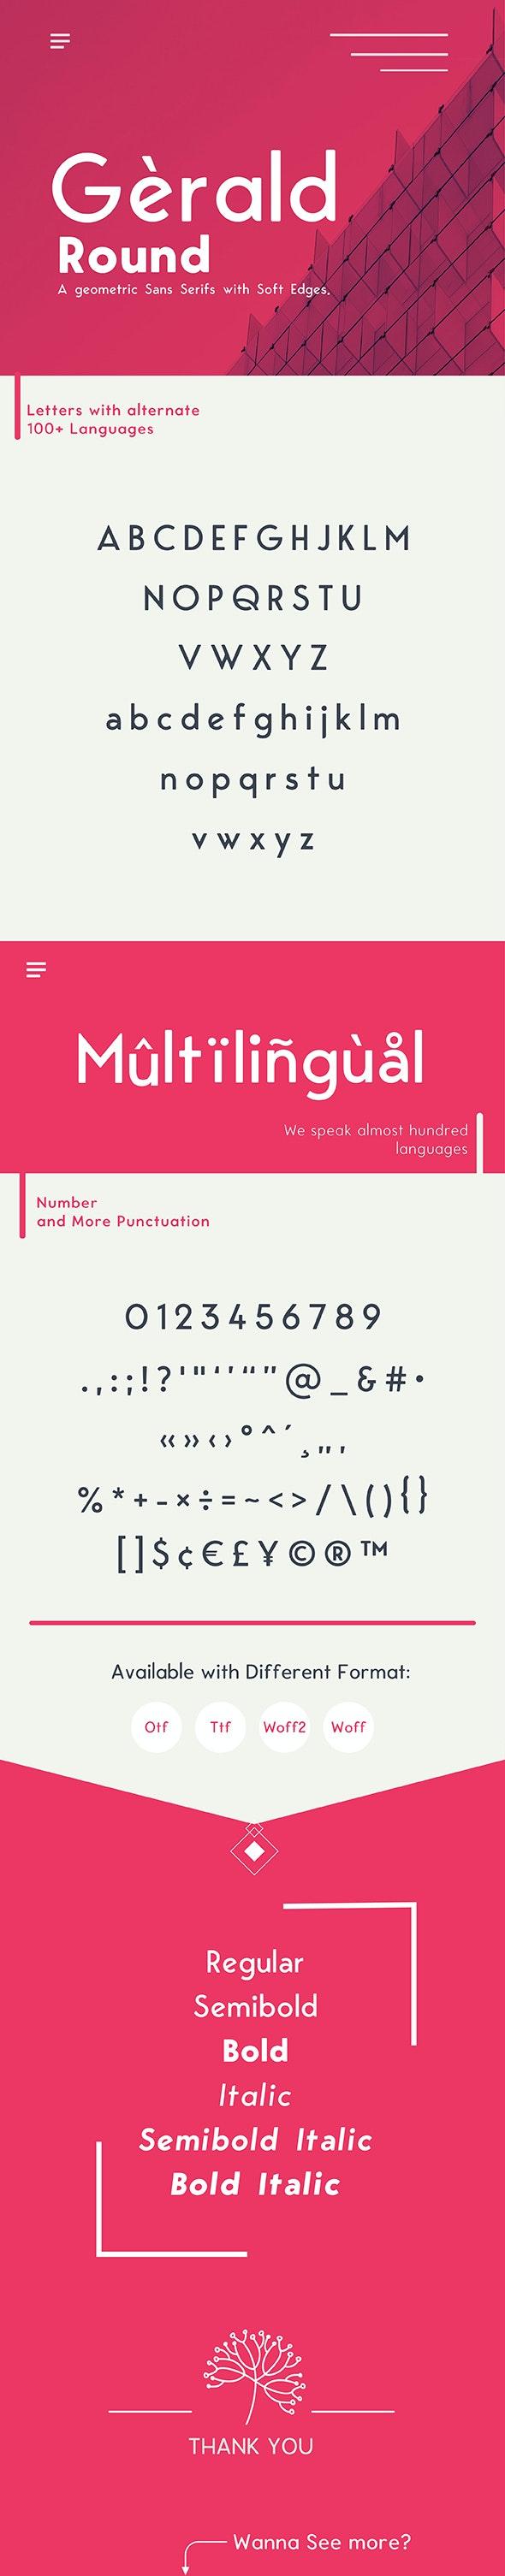 Gerald Round Sans Font - Geometric Elegant Soft Typeface - Sans-Serif Fonts